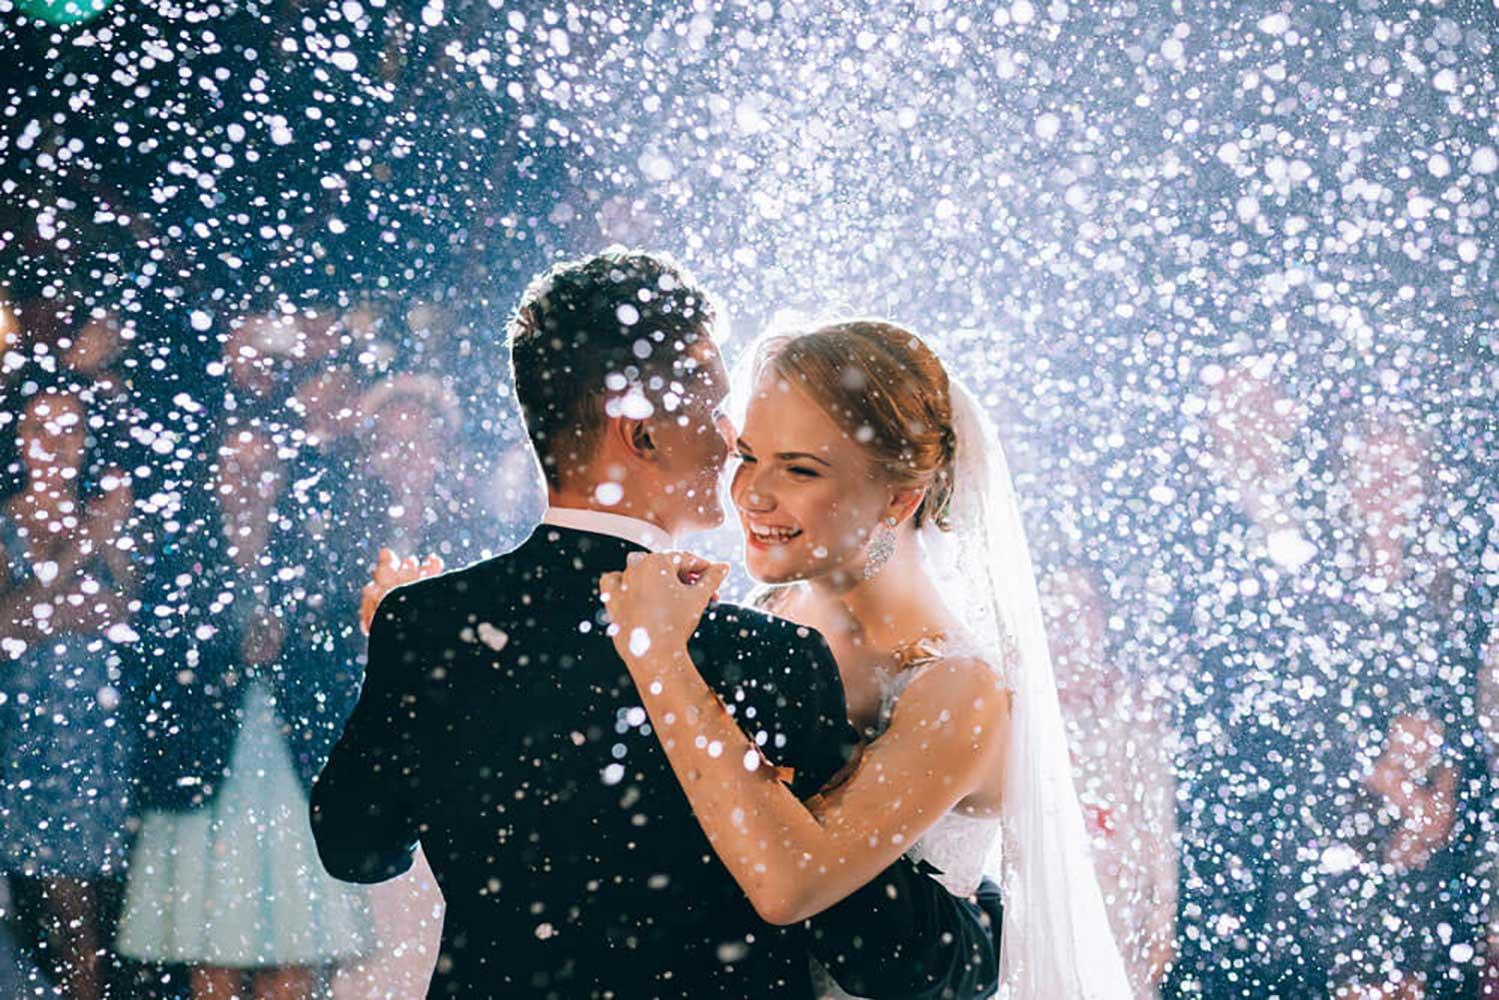 Danse d'ouverture de bal mariage